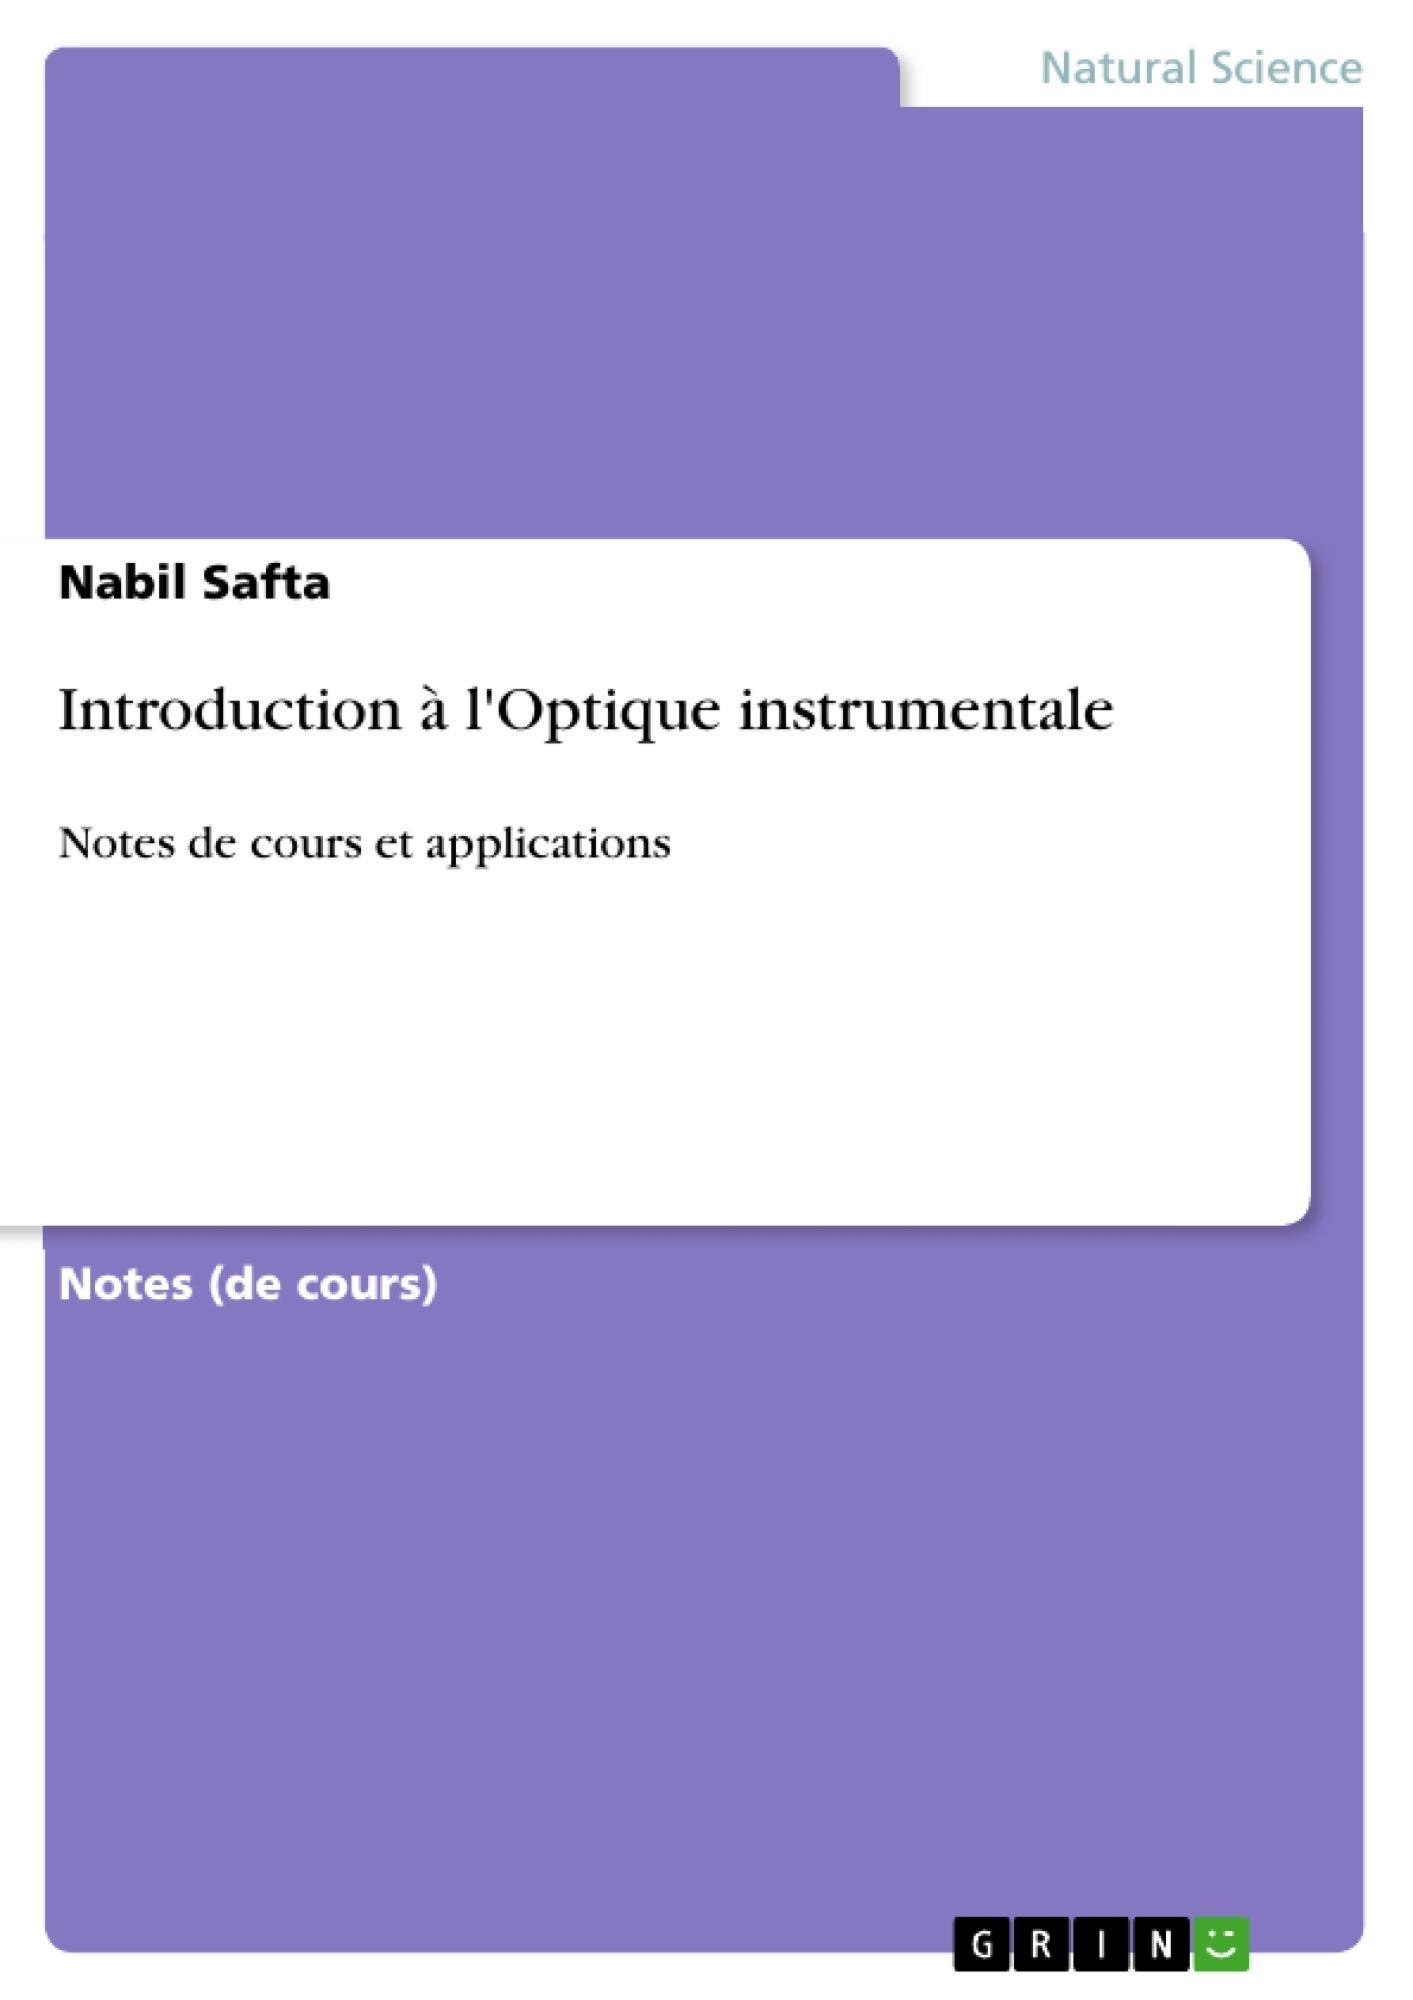 Titre: Introduction à l'Optique instrumentale